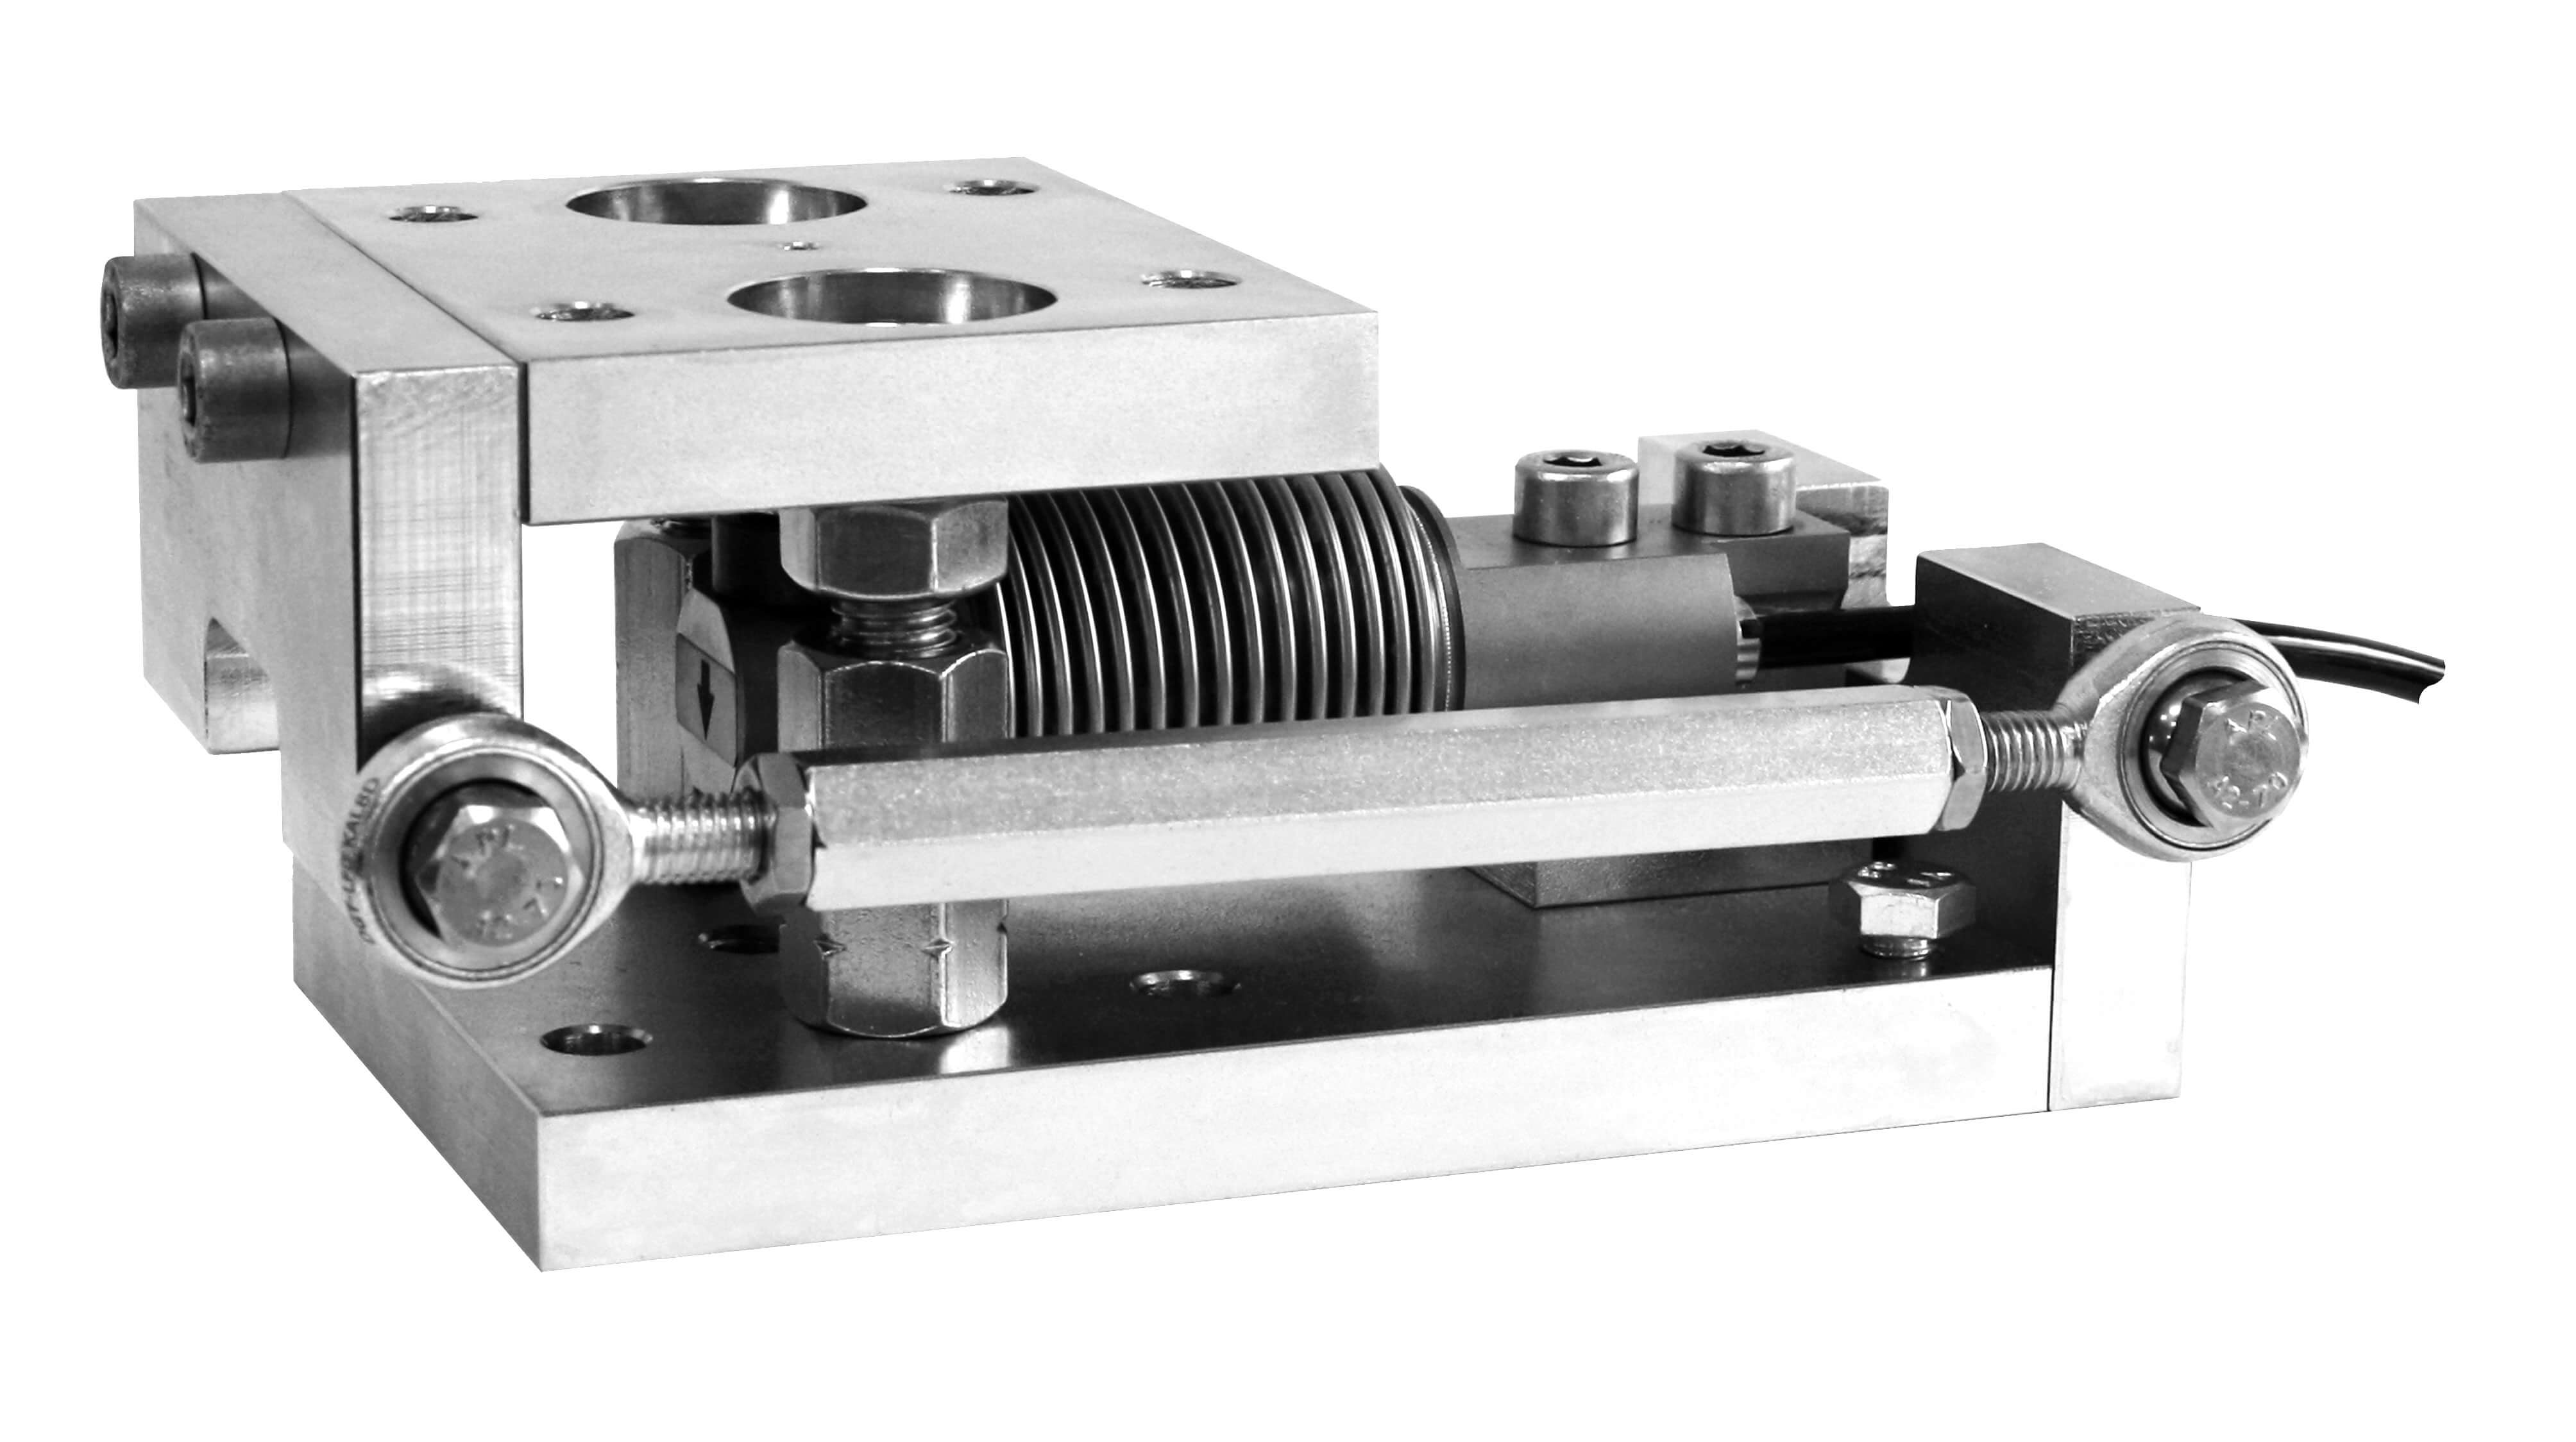 52-28 weegmodule (geschikt voor SB6, SB8) Image